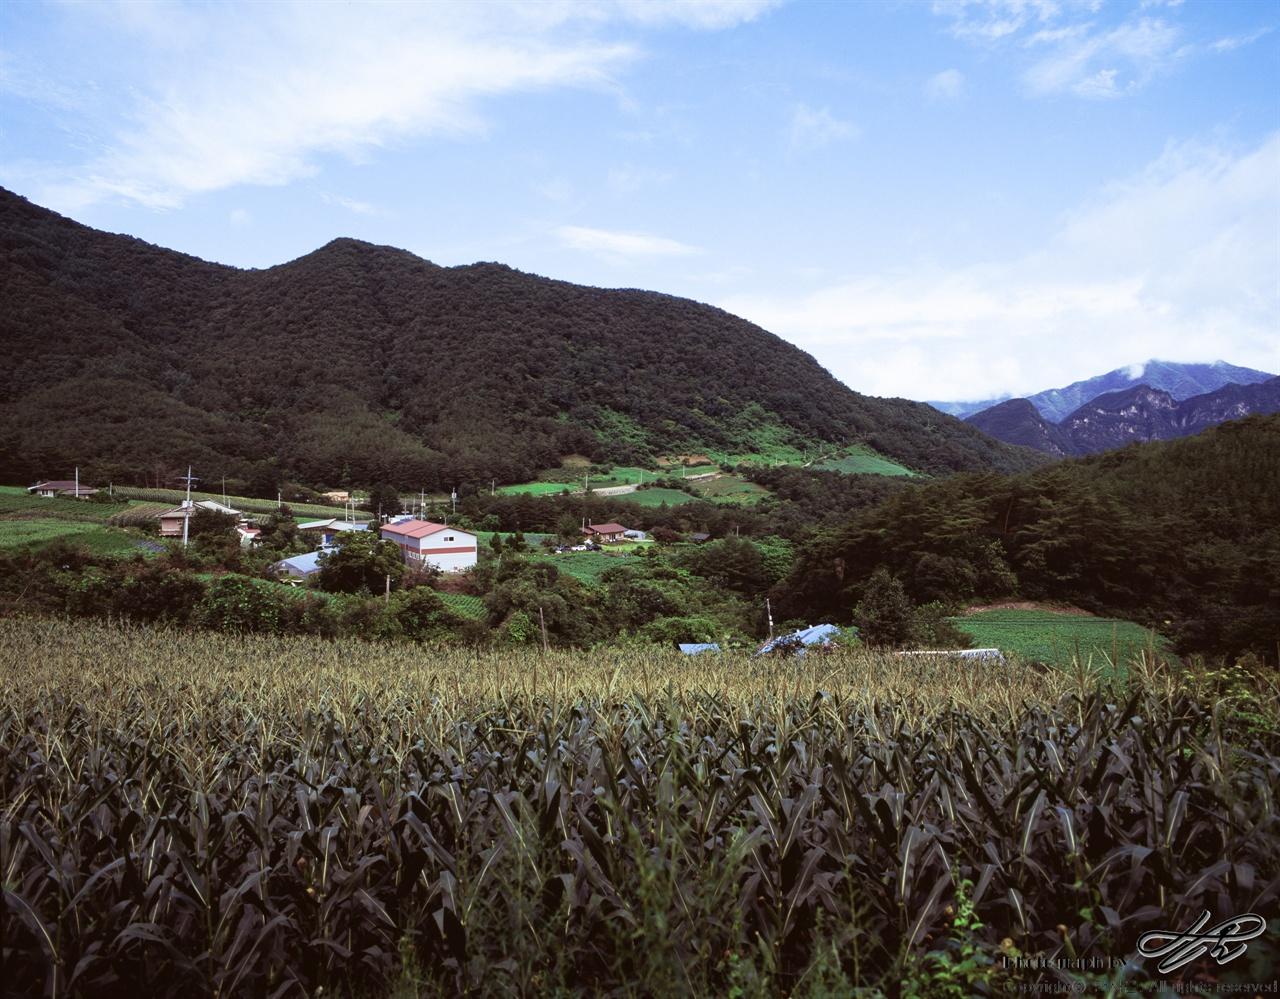 연포마을 (67ii/Velvia100)동강고성안내소에서 4시 반 방향 가까이 깊은 우회전을 하여 2킬로미터 남짓 진행하다보면 옥수수가 익어가는 정겨운 마을이 눈에 들어온다.